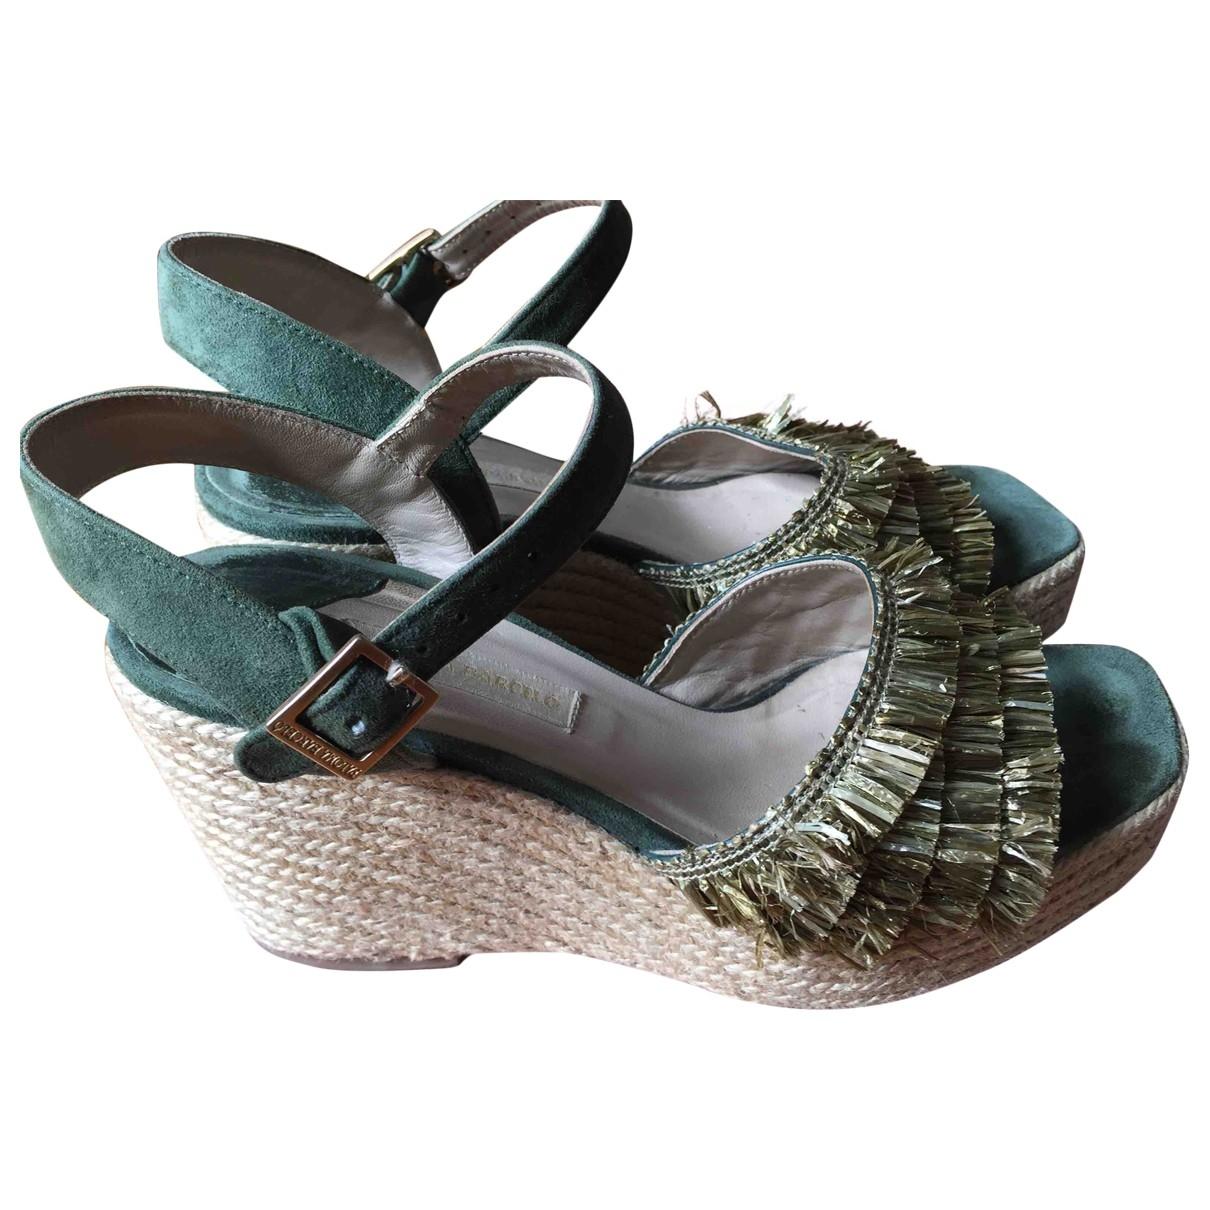 Sandalias de Cuero Paloma Barcelo